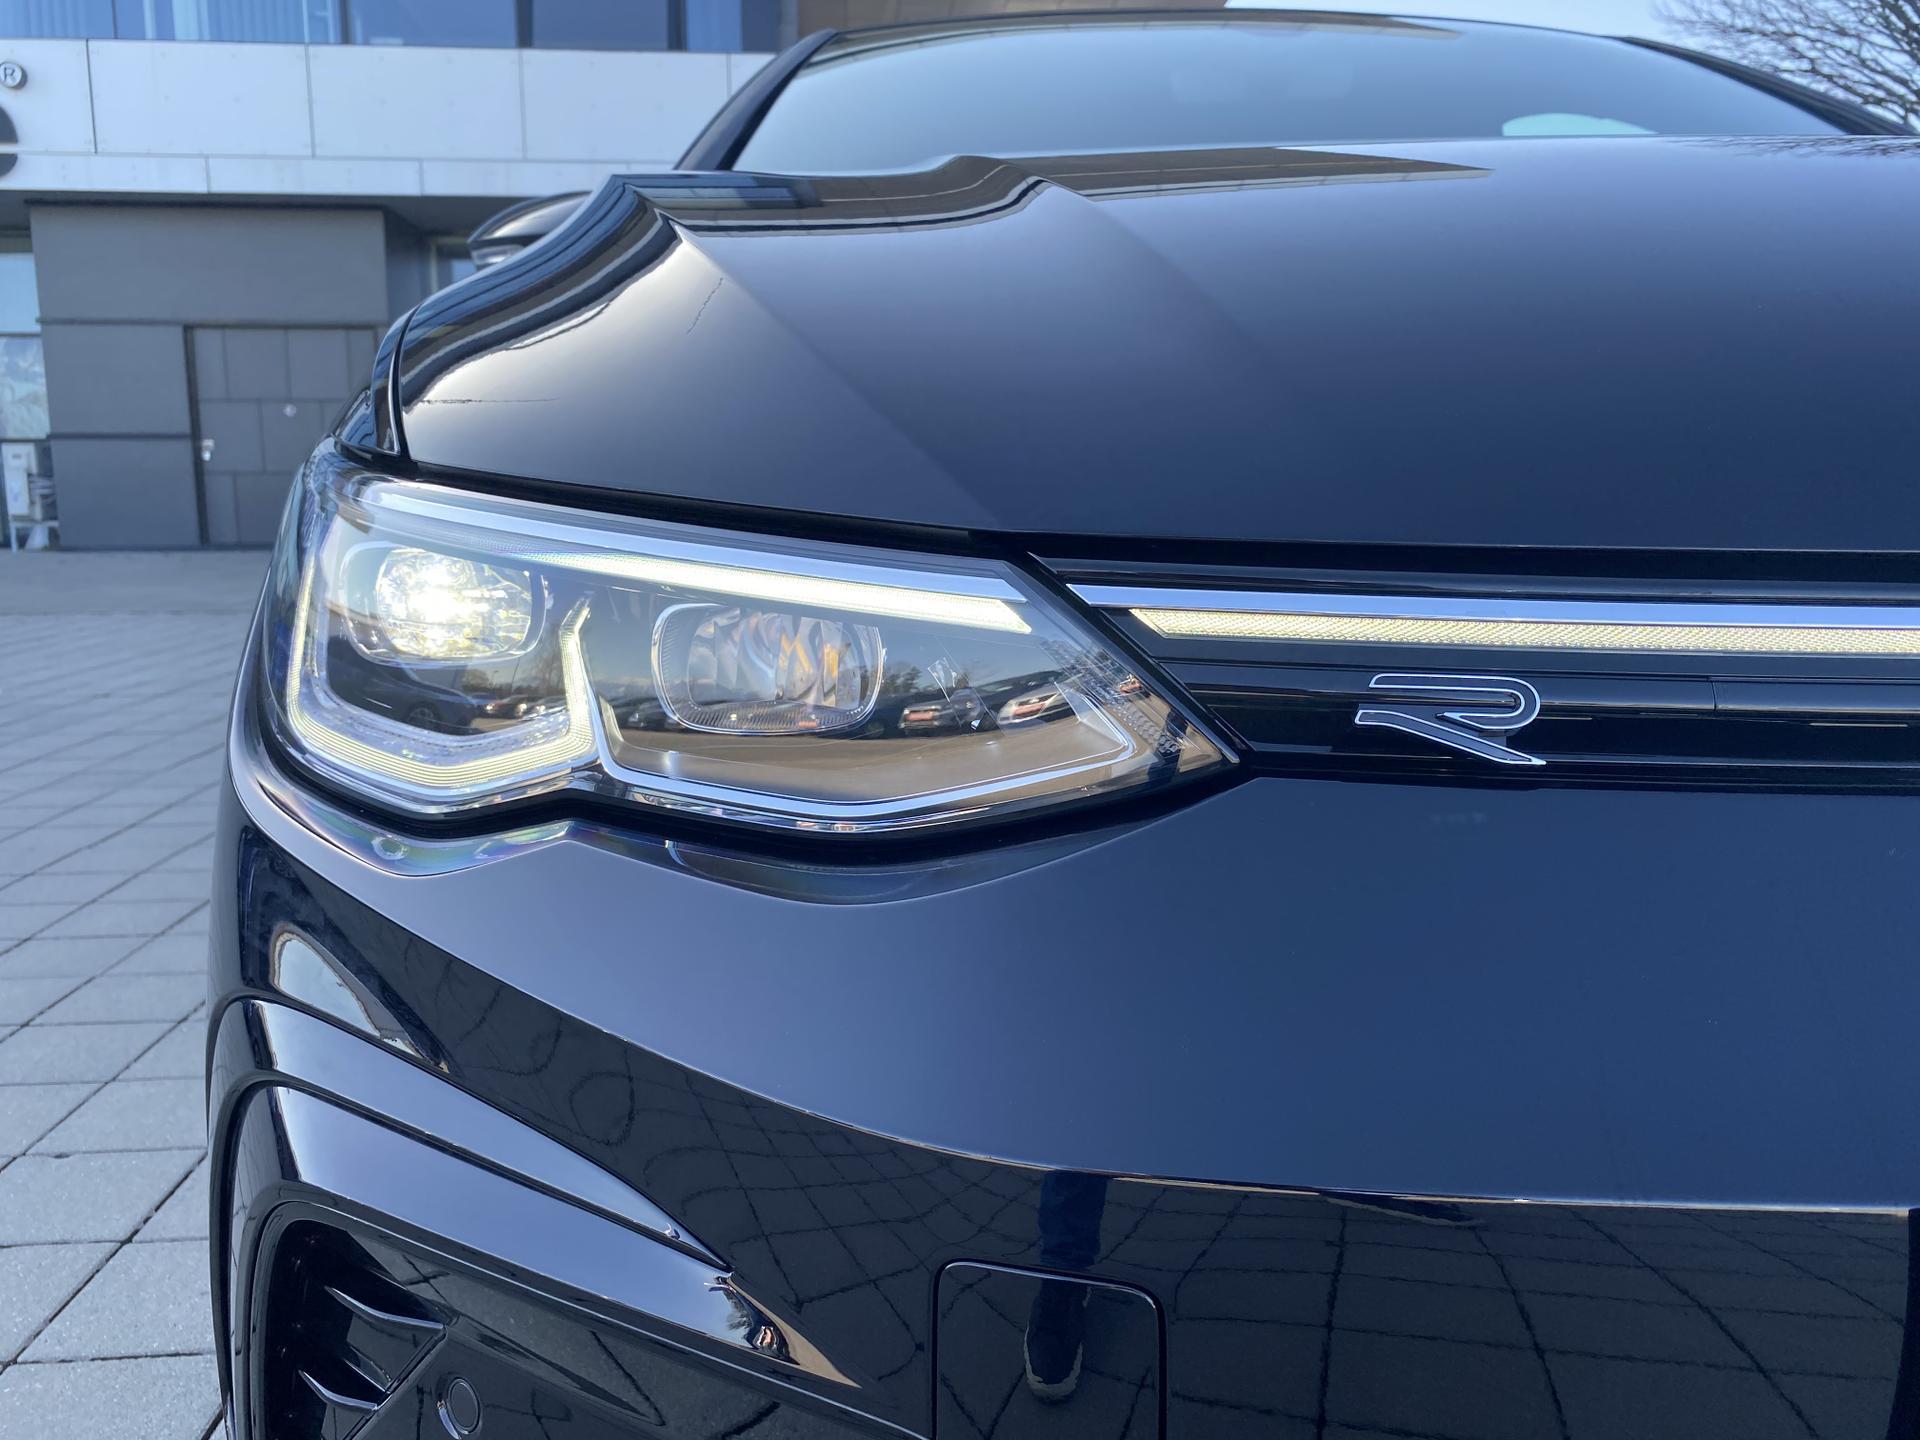 VW Golf 8 R-Line (D4) 1.5 eTSI Exterieur Scheinwerfer